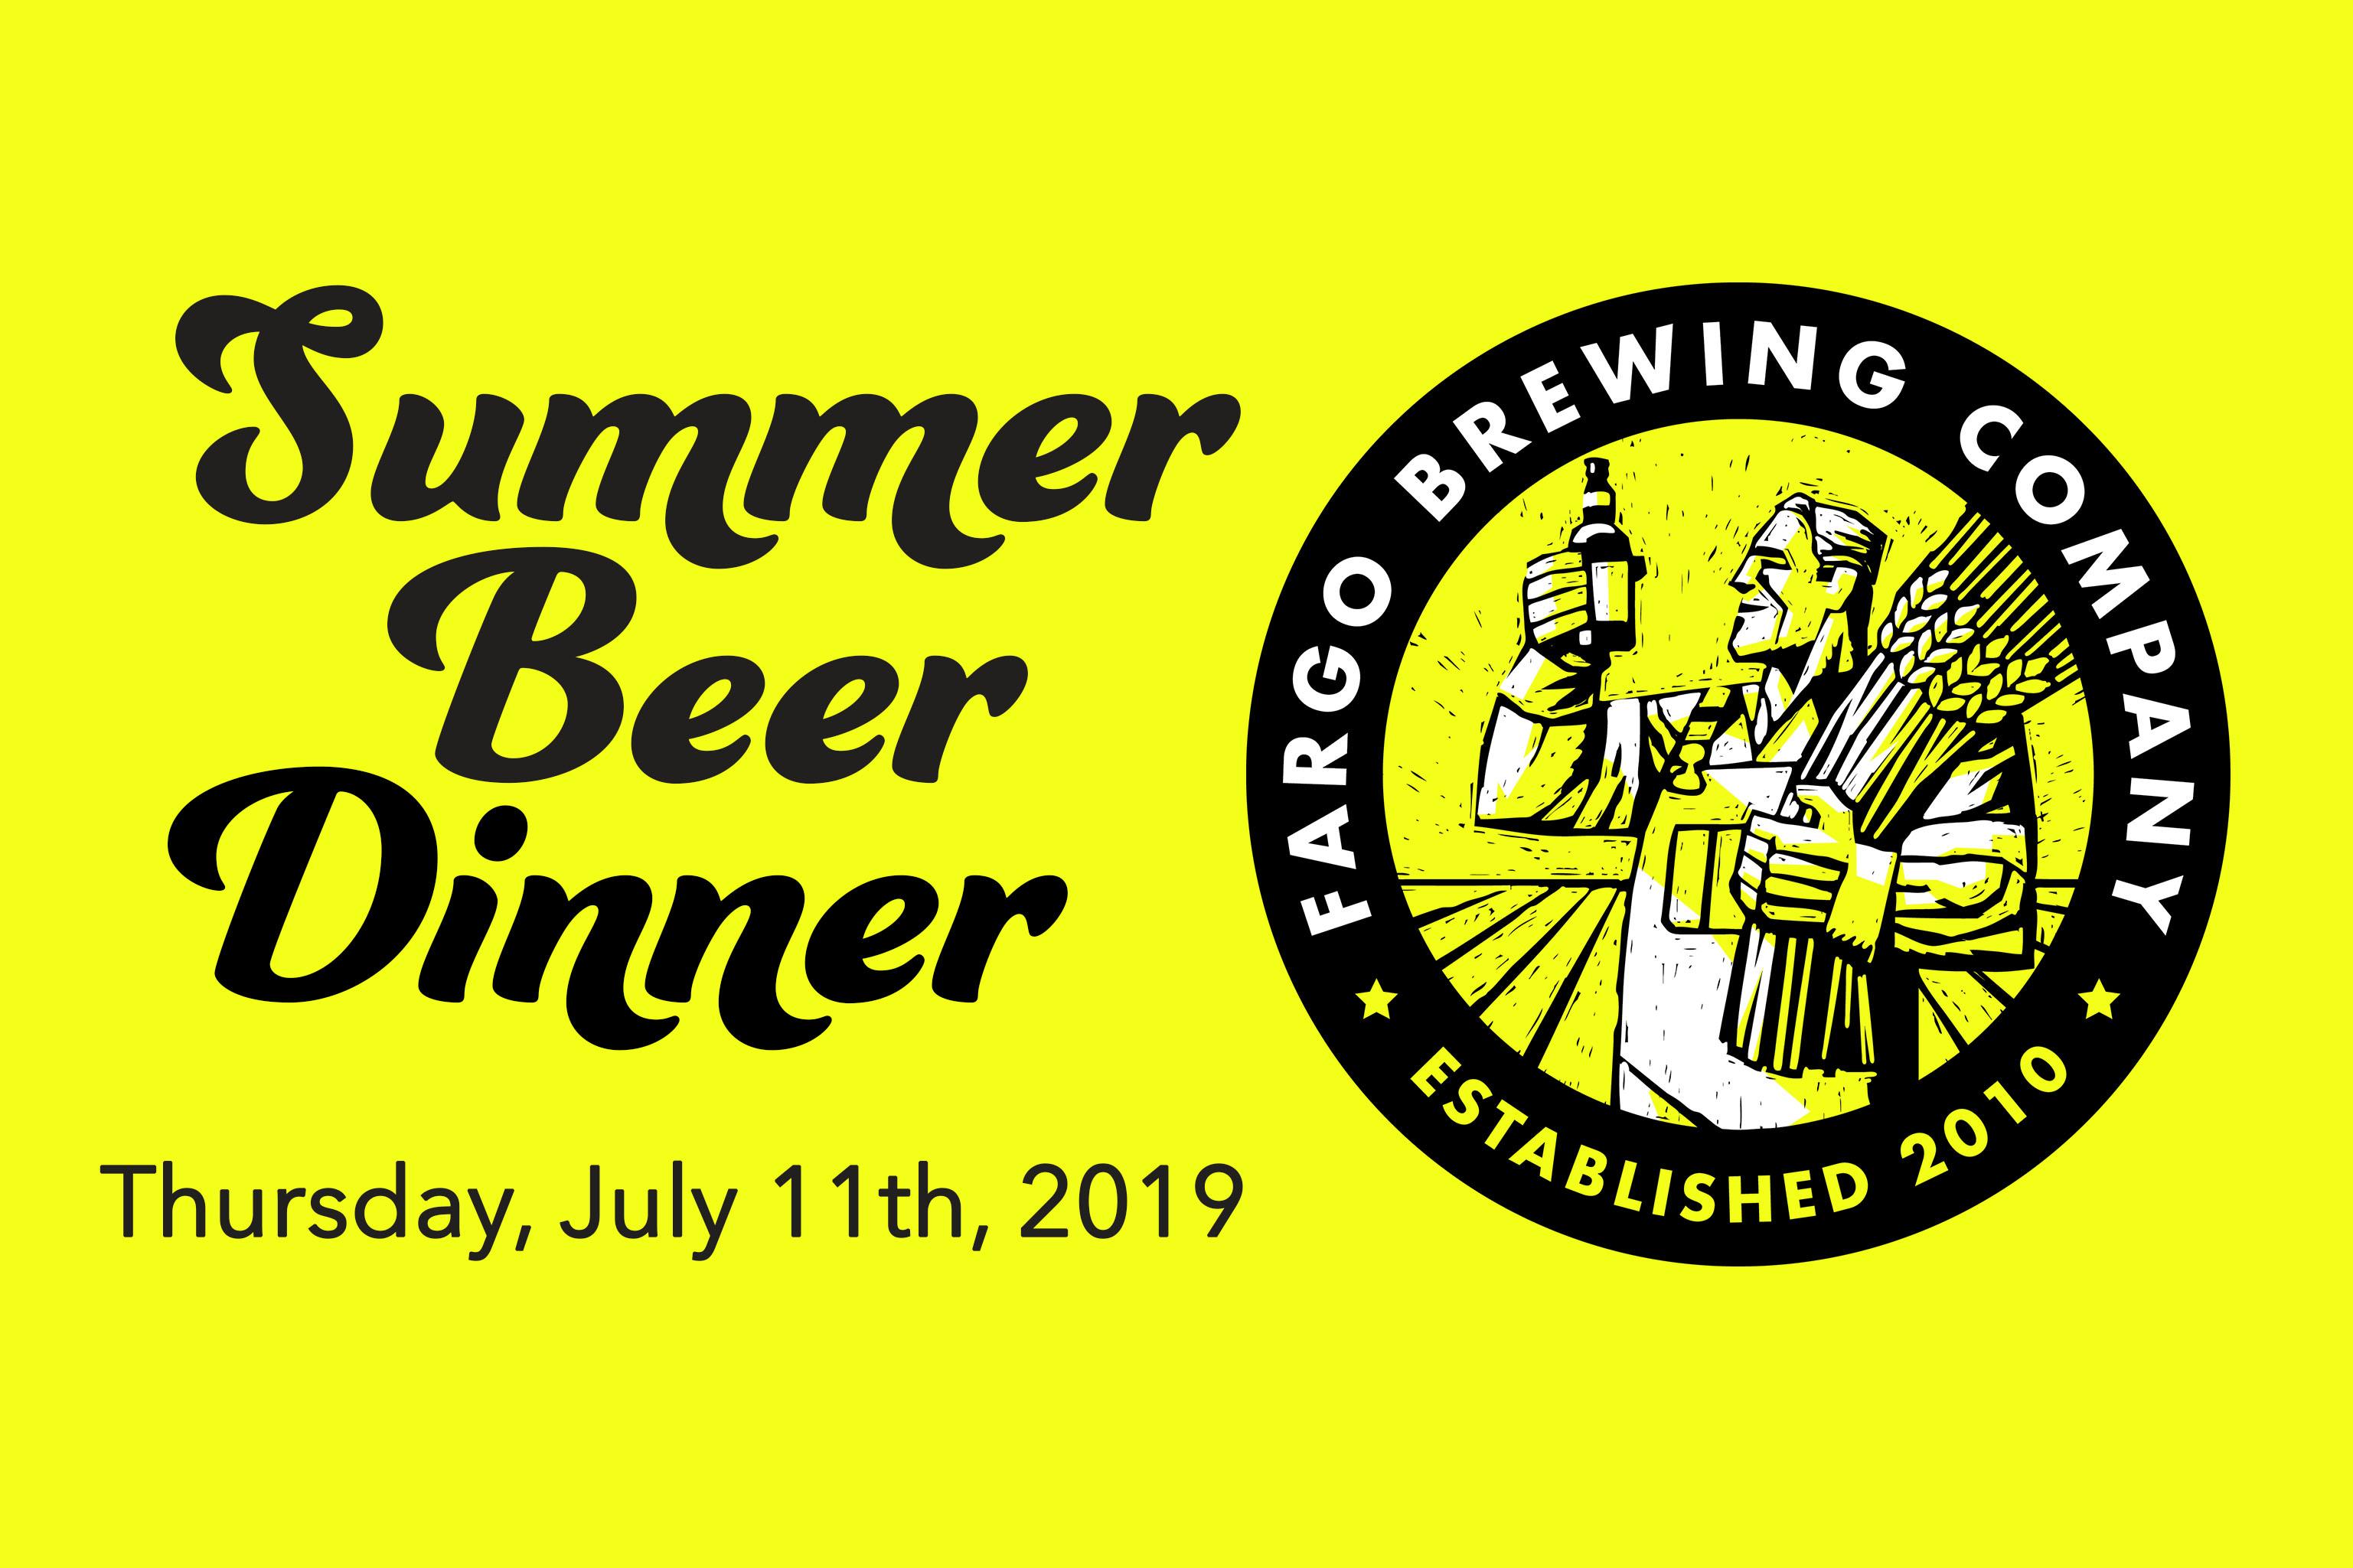 Summer Beer Dinner – Thursday, July 11th | Coteau des